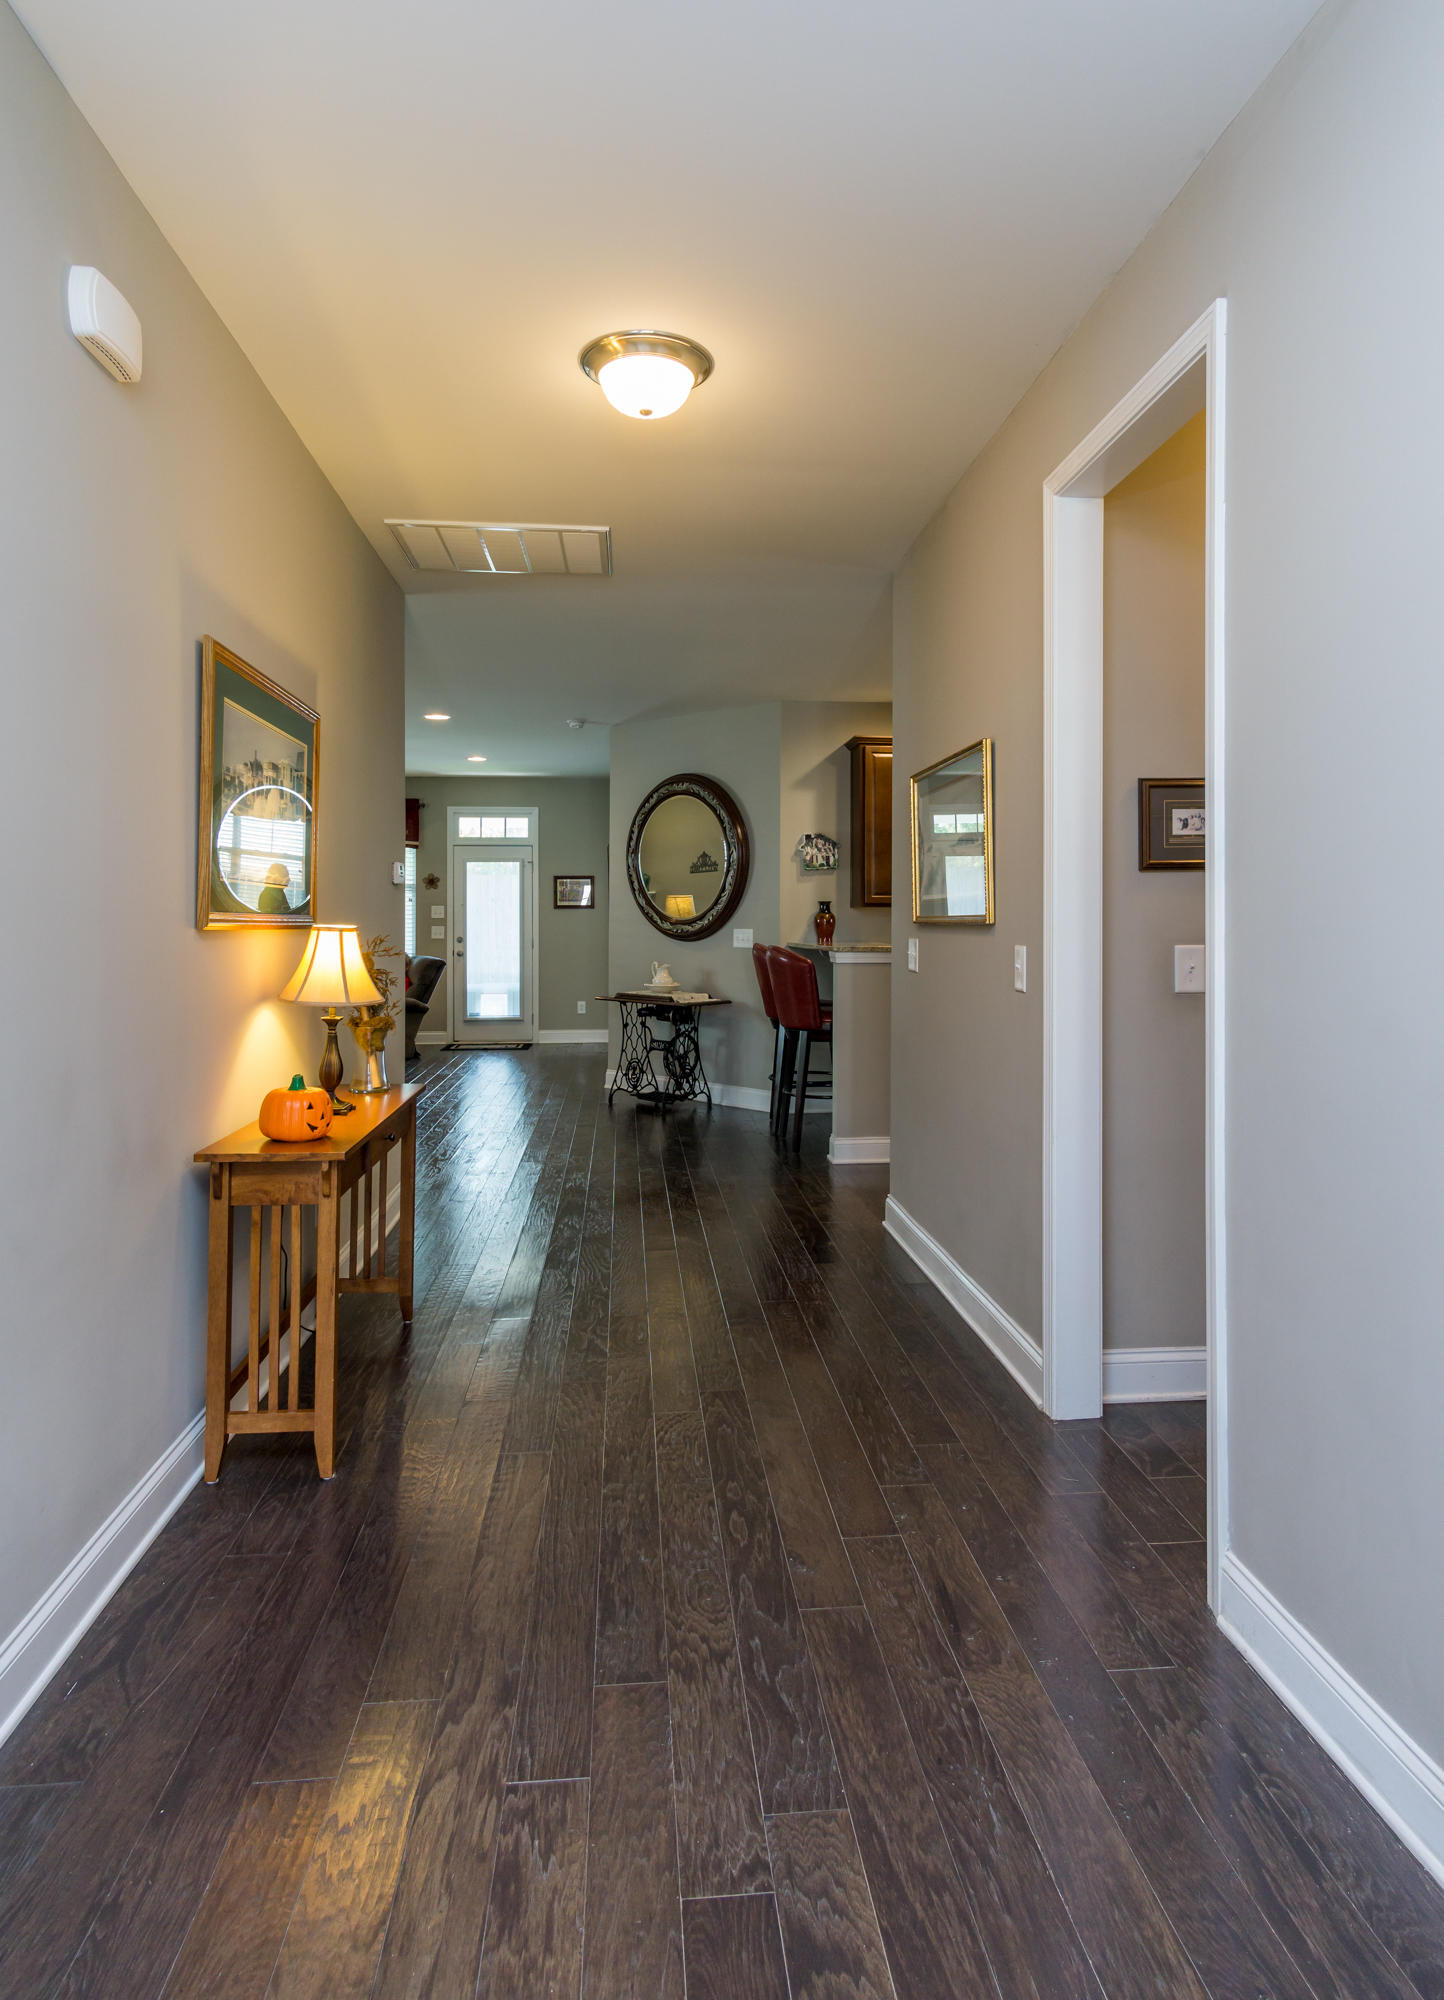 Linnen Place Homes For Sale - 2643 Lohr, Mount Pleasant, SC - 2